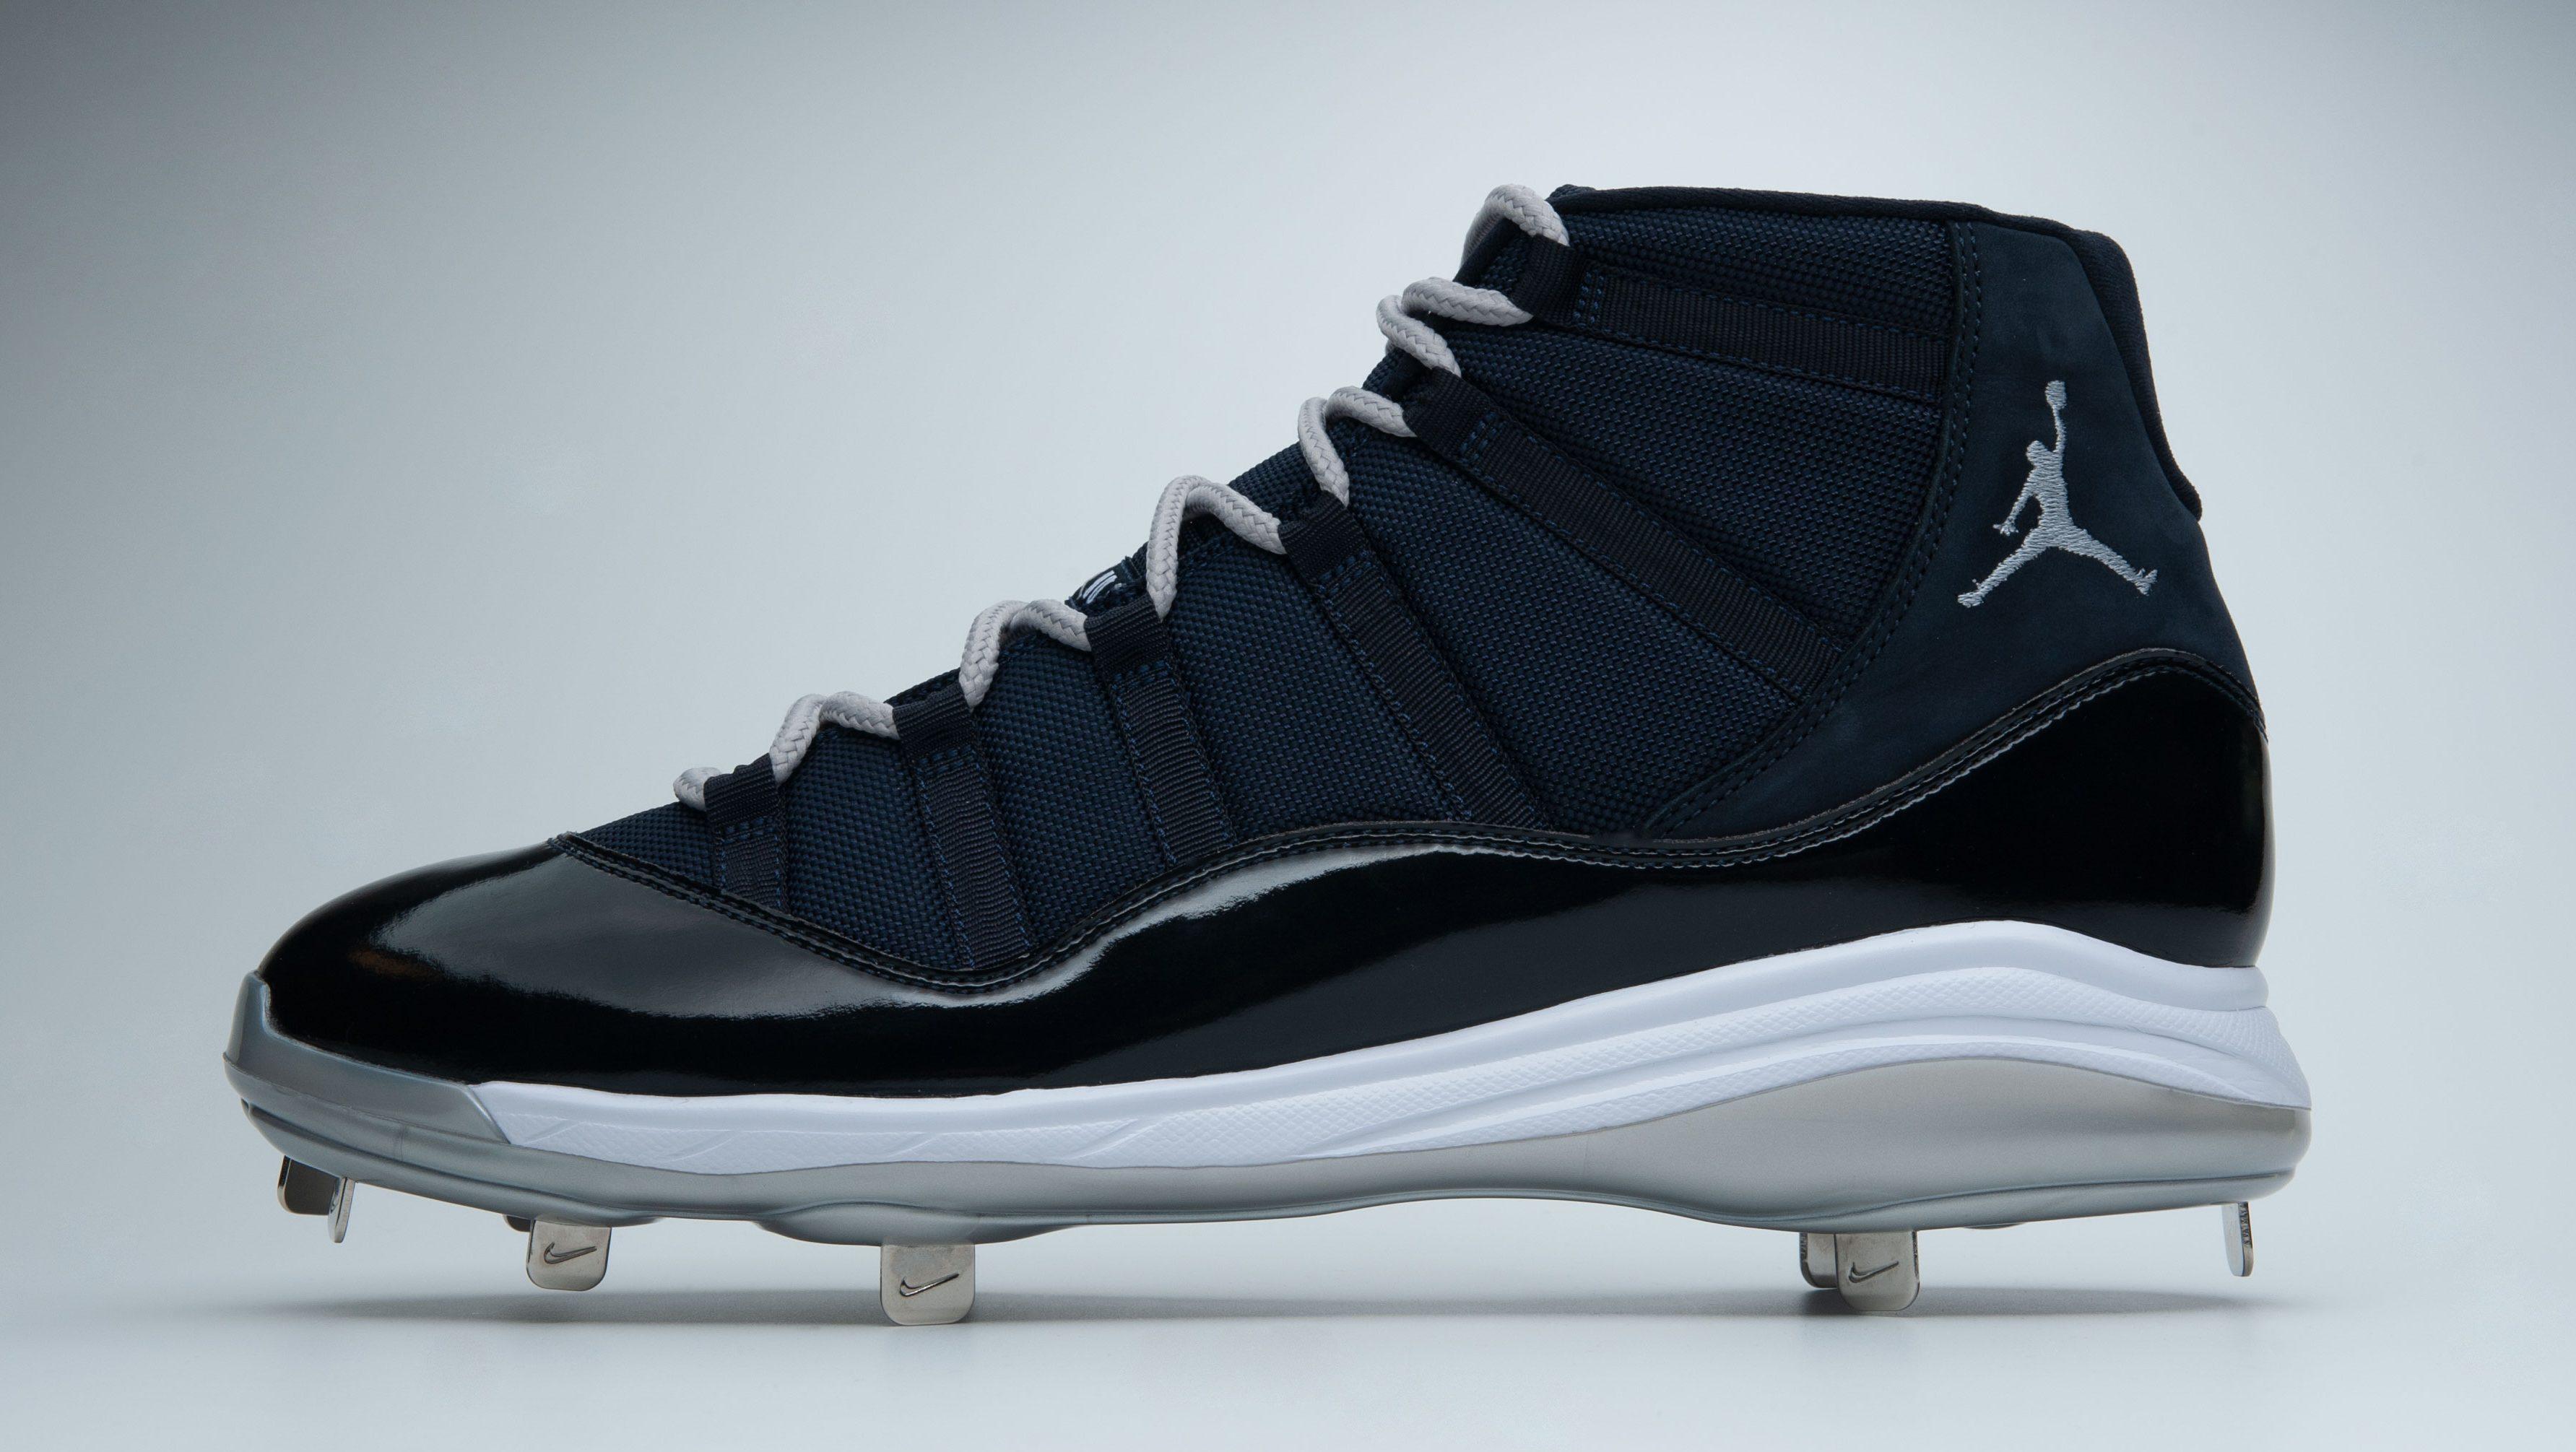 Air Jordan 11 Cleats – Footwear